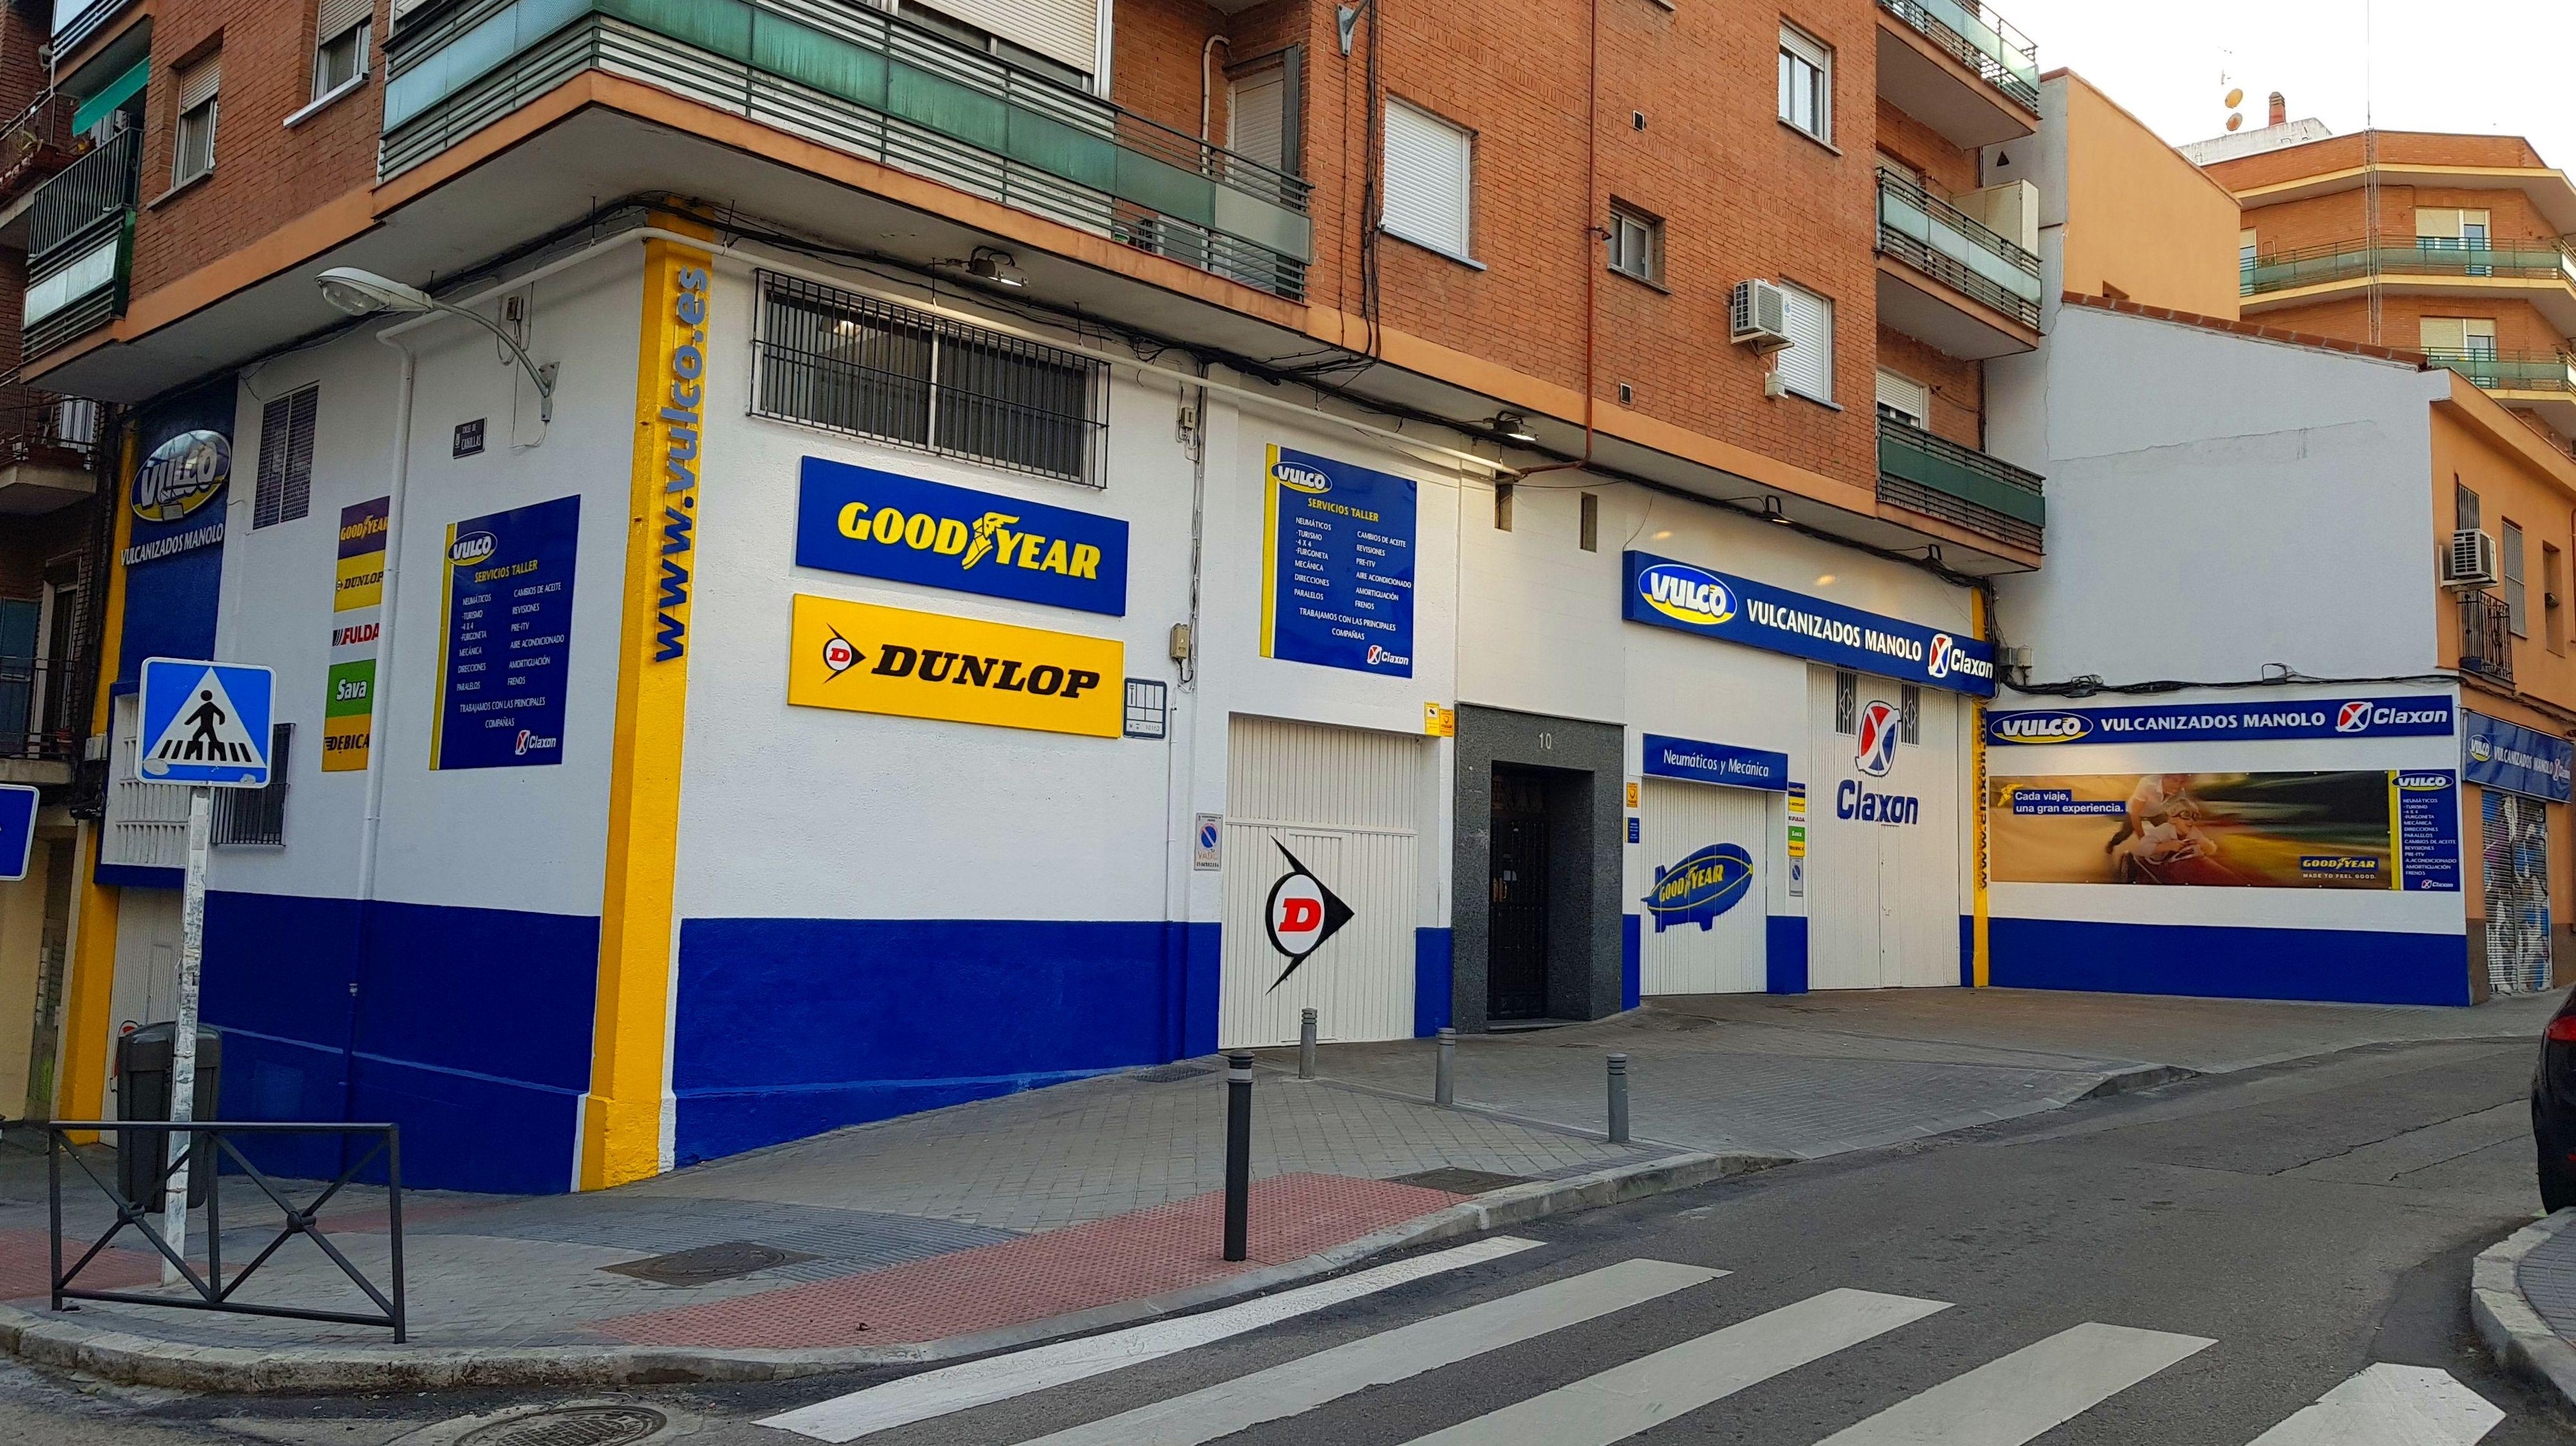 Foto 11 de Neumáticos en Madrid | Claxon Vulcanizados Manolo